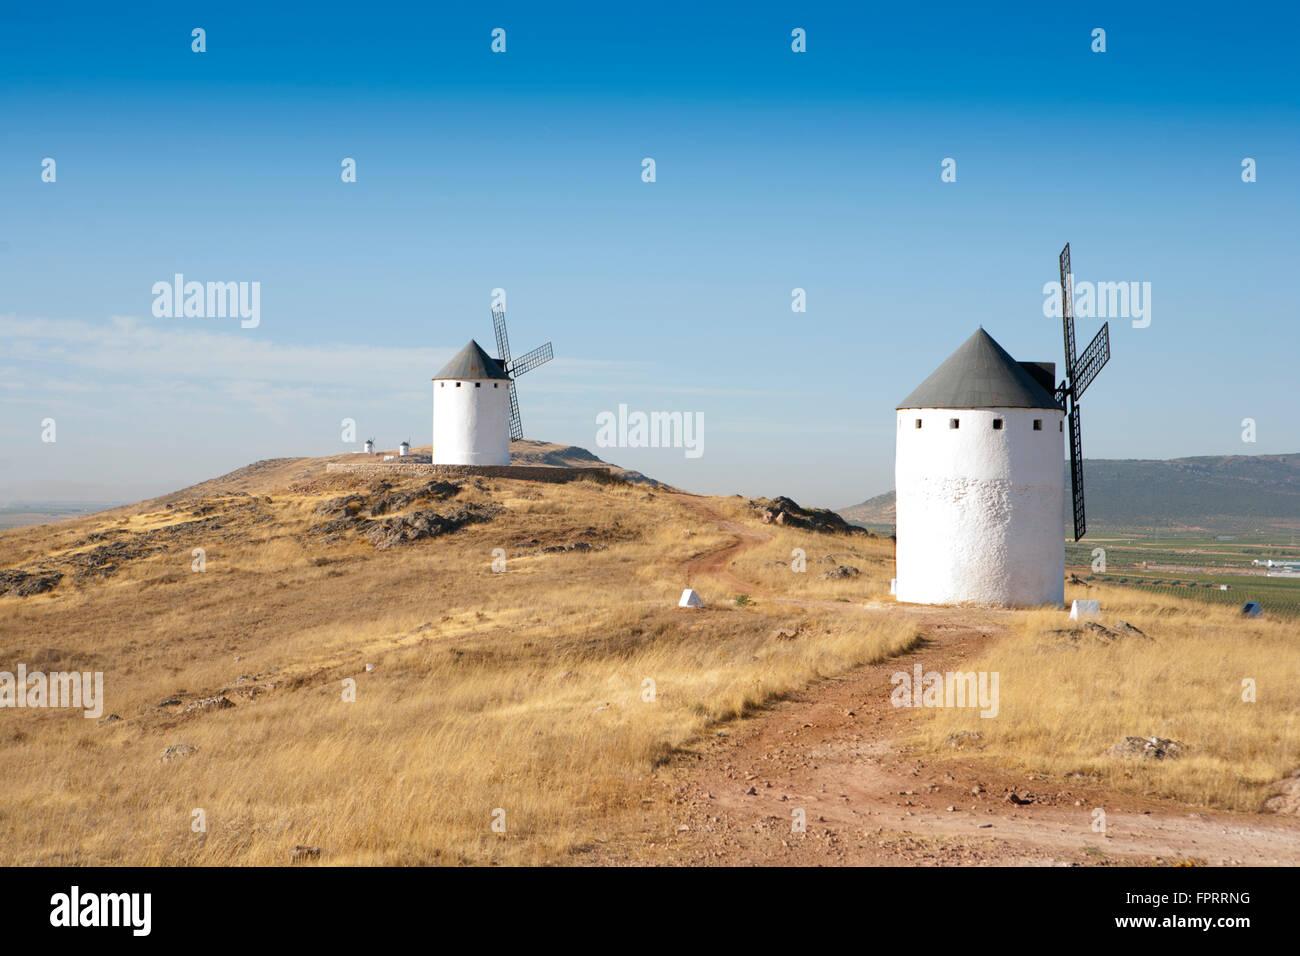 Europe, Spain, Castile-La Mancha, Campo de Criptana, windmills on a hill near Campo de Criptana, Don Quixote windmills, - Stock Image